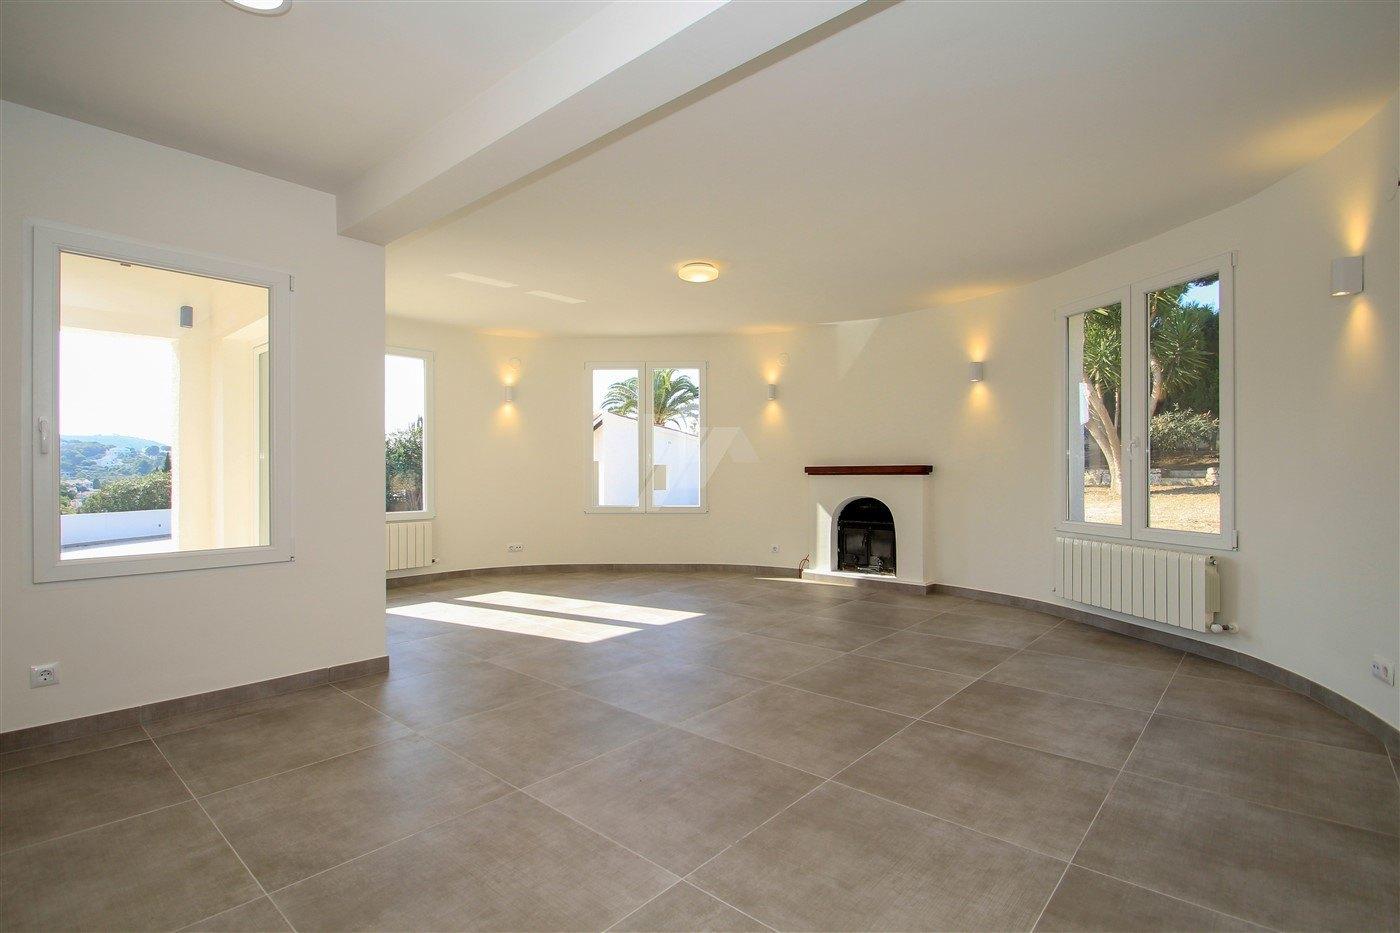 Renovierte Villa zum Verkauf in Moraira, Costa Blanca.